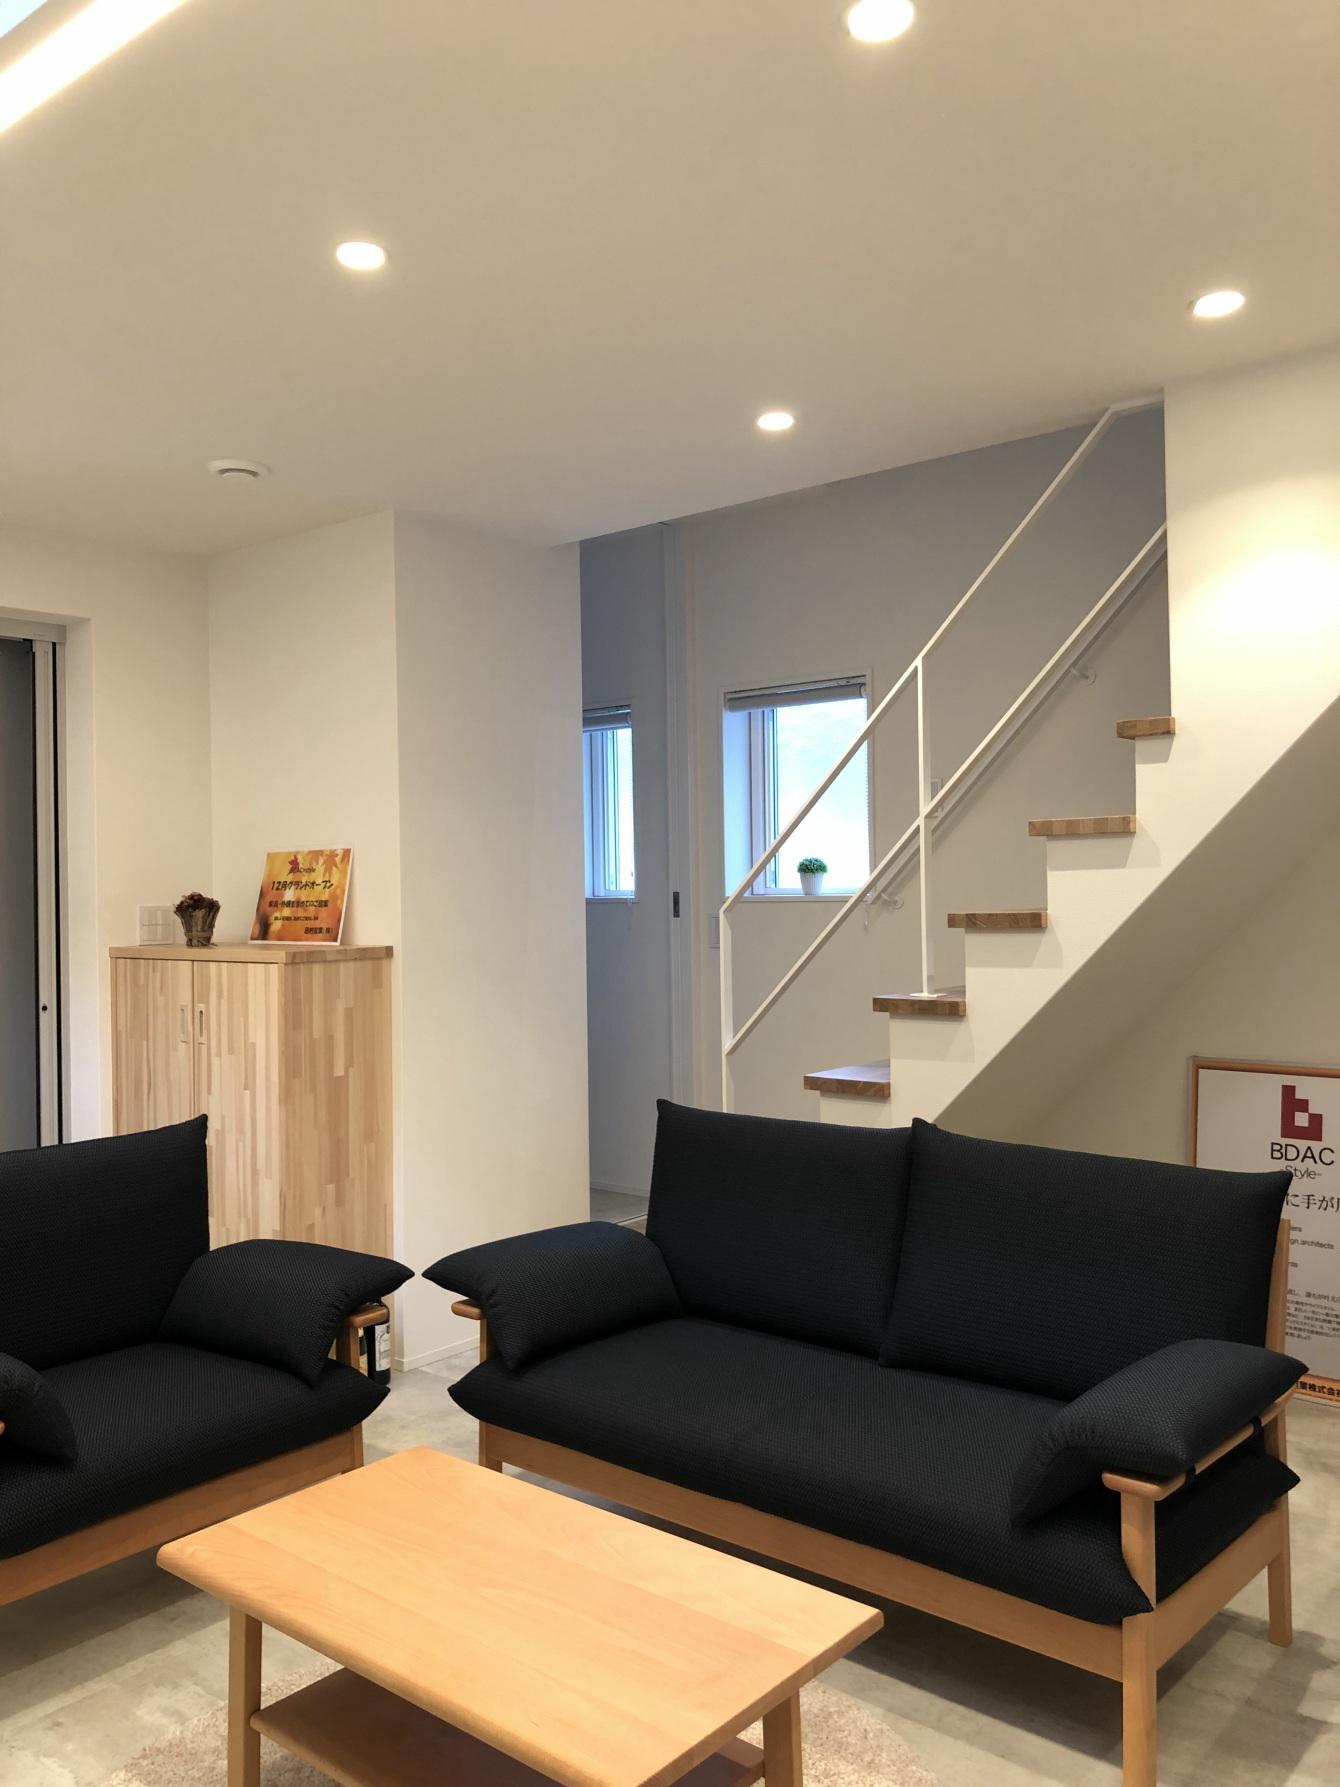 田村市の施工例、コンパクト&北欧デザインの家1階リビングから階段